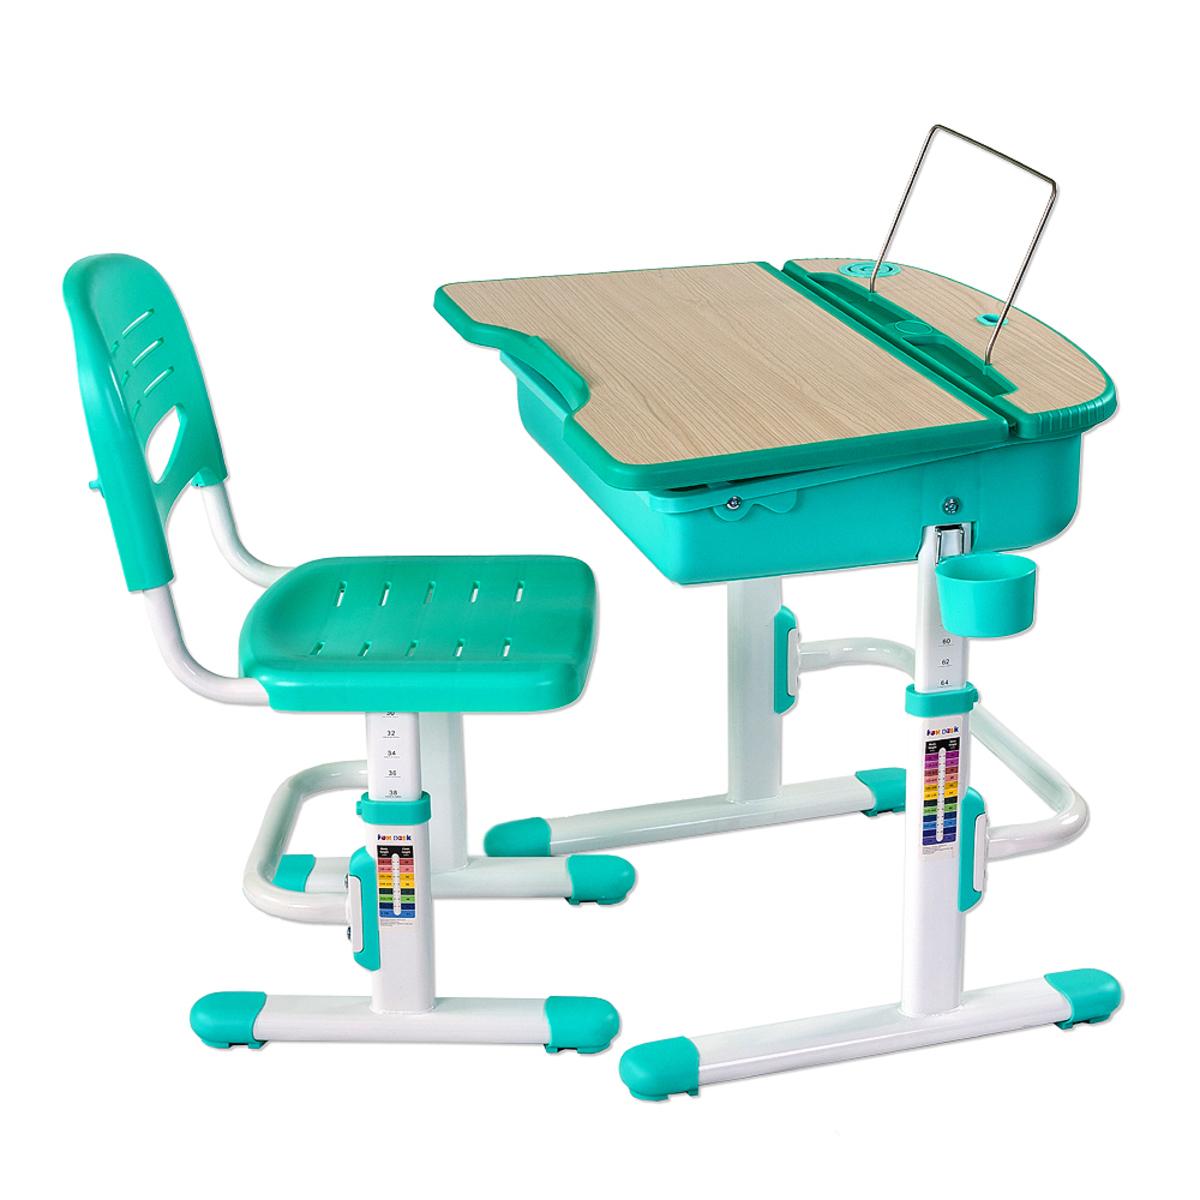 Detský písací stôl CAPRI - rôzne farby stojan na knihy /